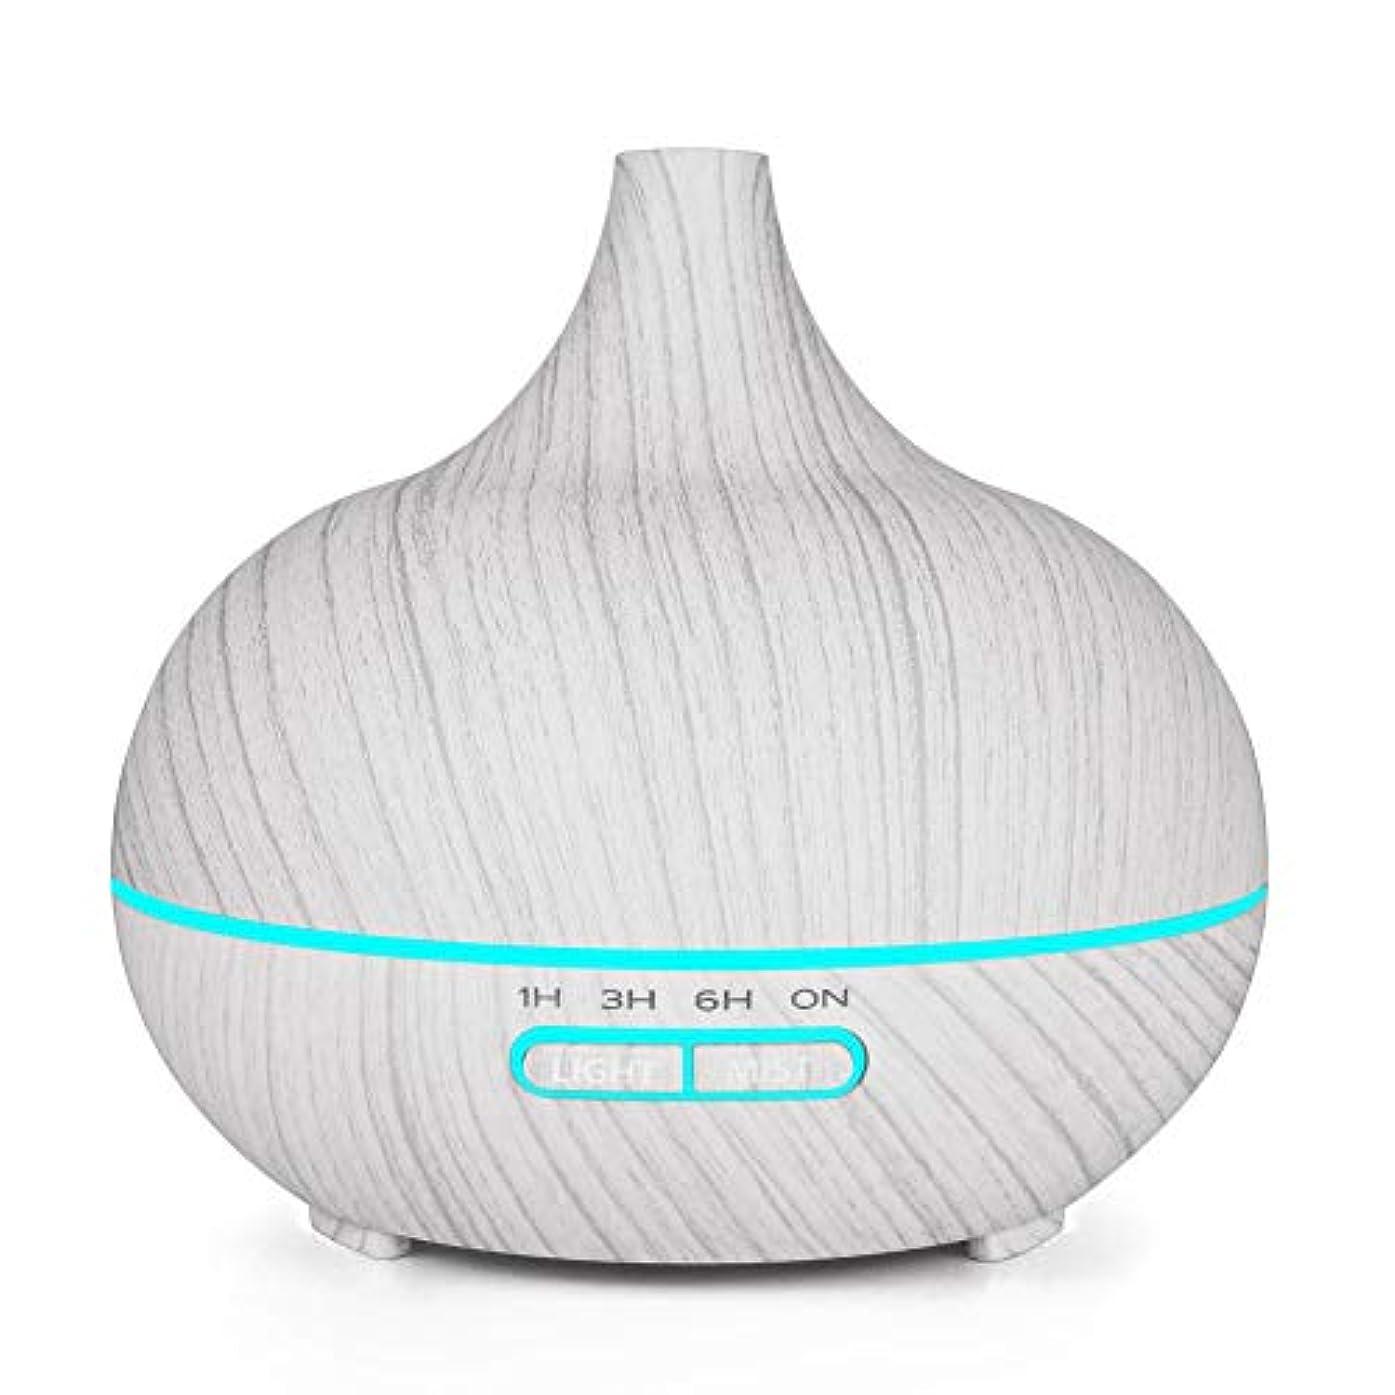 たらいしおれたブッシュ木目 涼しい霧 加湿器,7 色 空気を浄化 加湿機 時間 手動 香り 精油 ディフューザー アロマネブライザー Yoga ベッド- 400ml